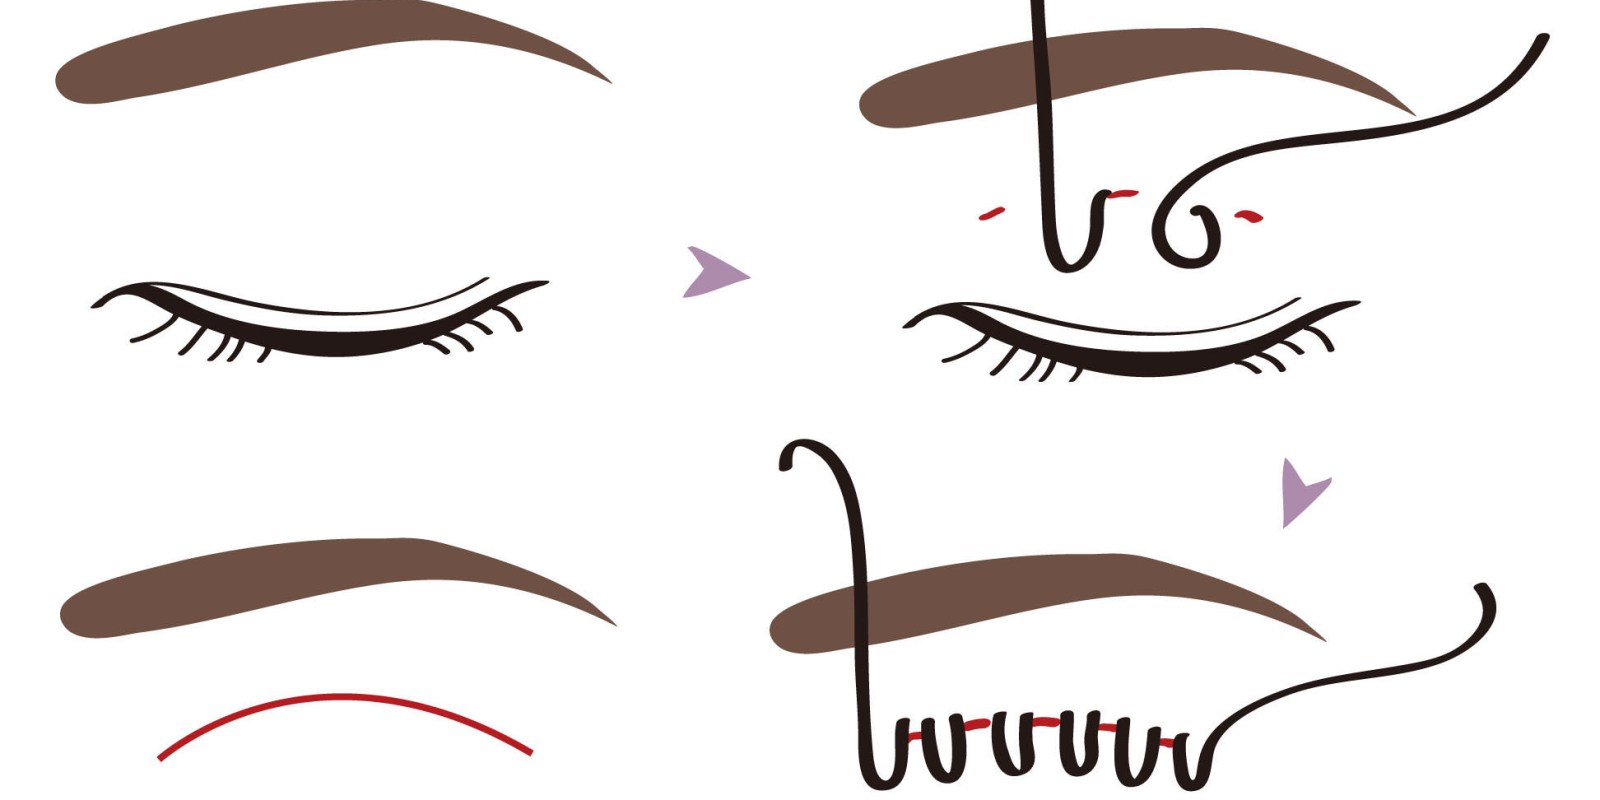 埋線雙眼皮有何優、缺點?適應症、禁忌症分別是什麼呢?